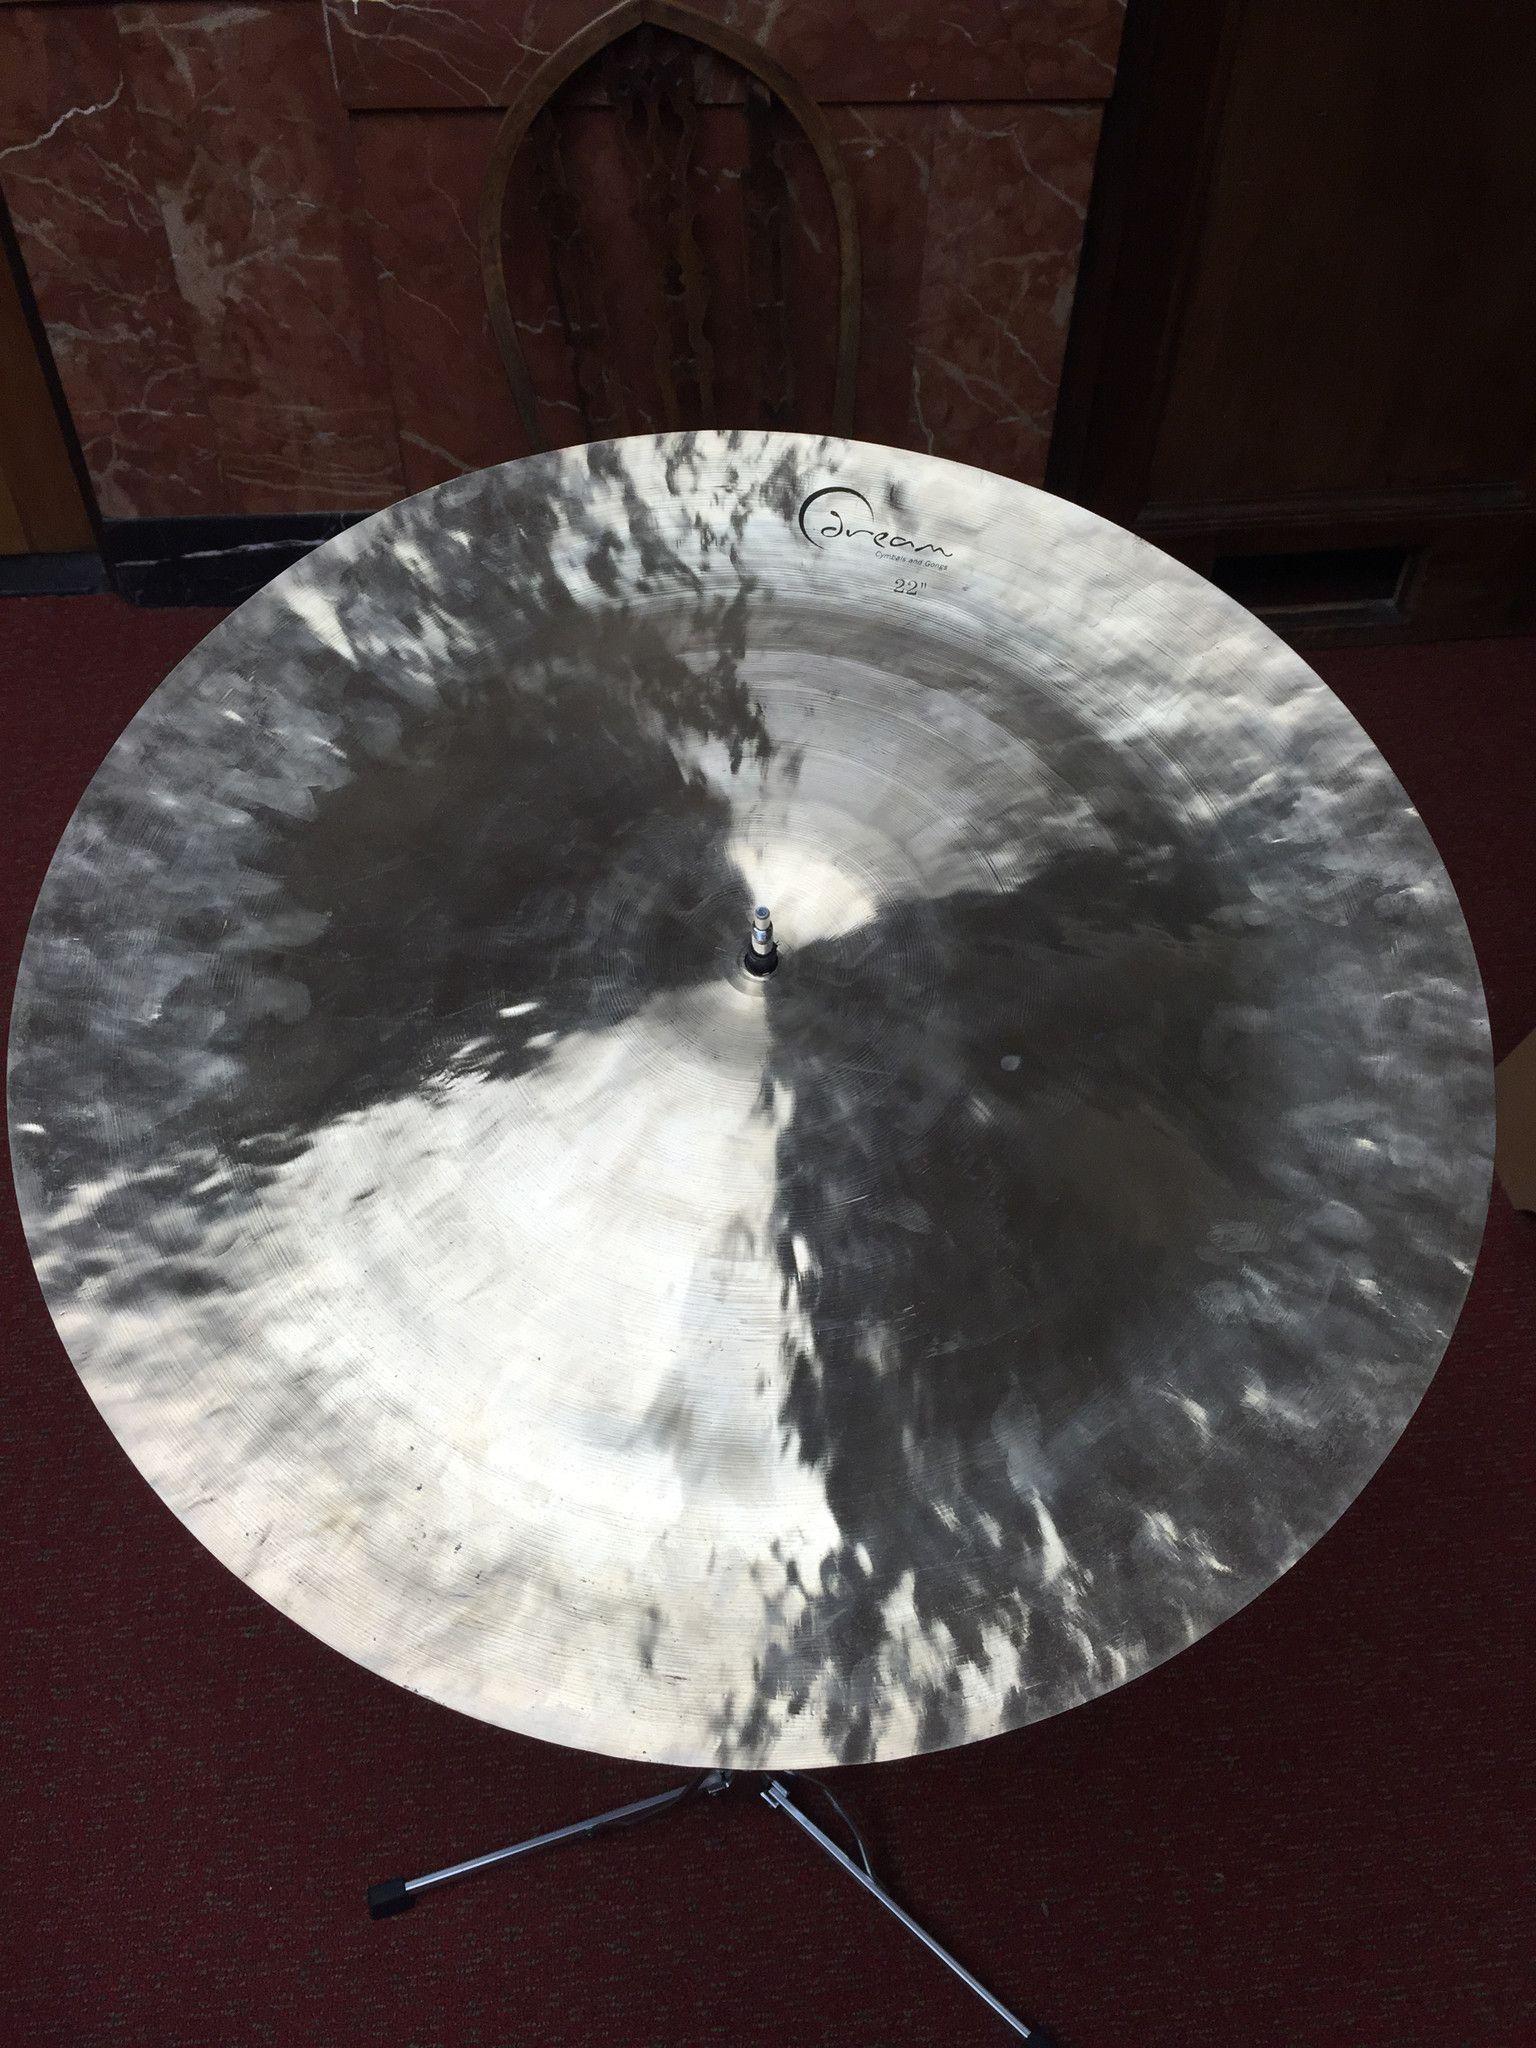 Dream 22'' Pang China Cymbal PANG22 Floor Model/Demo